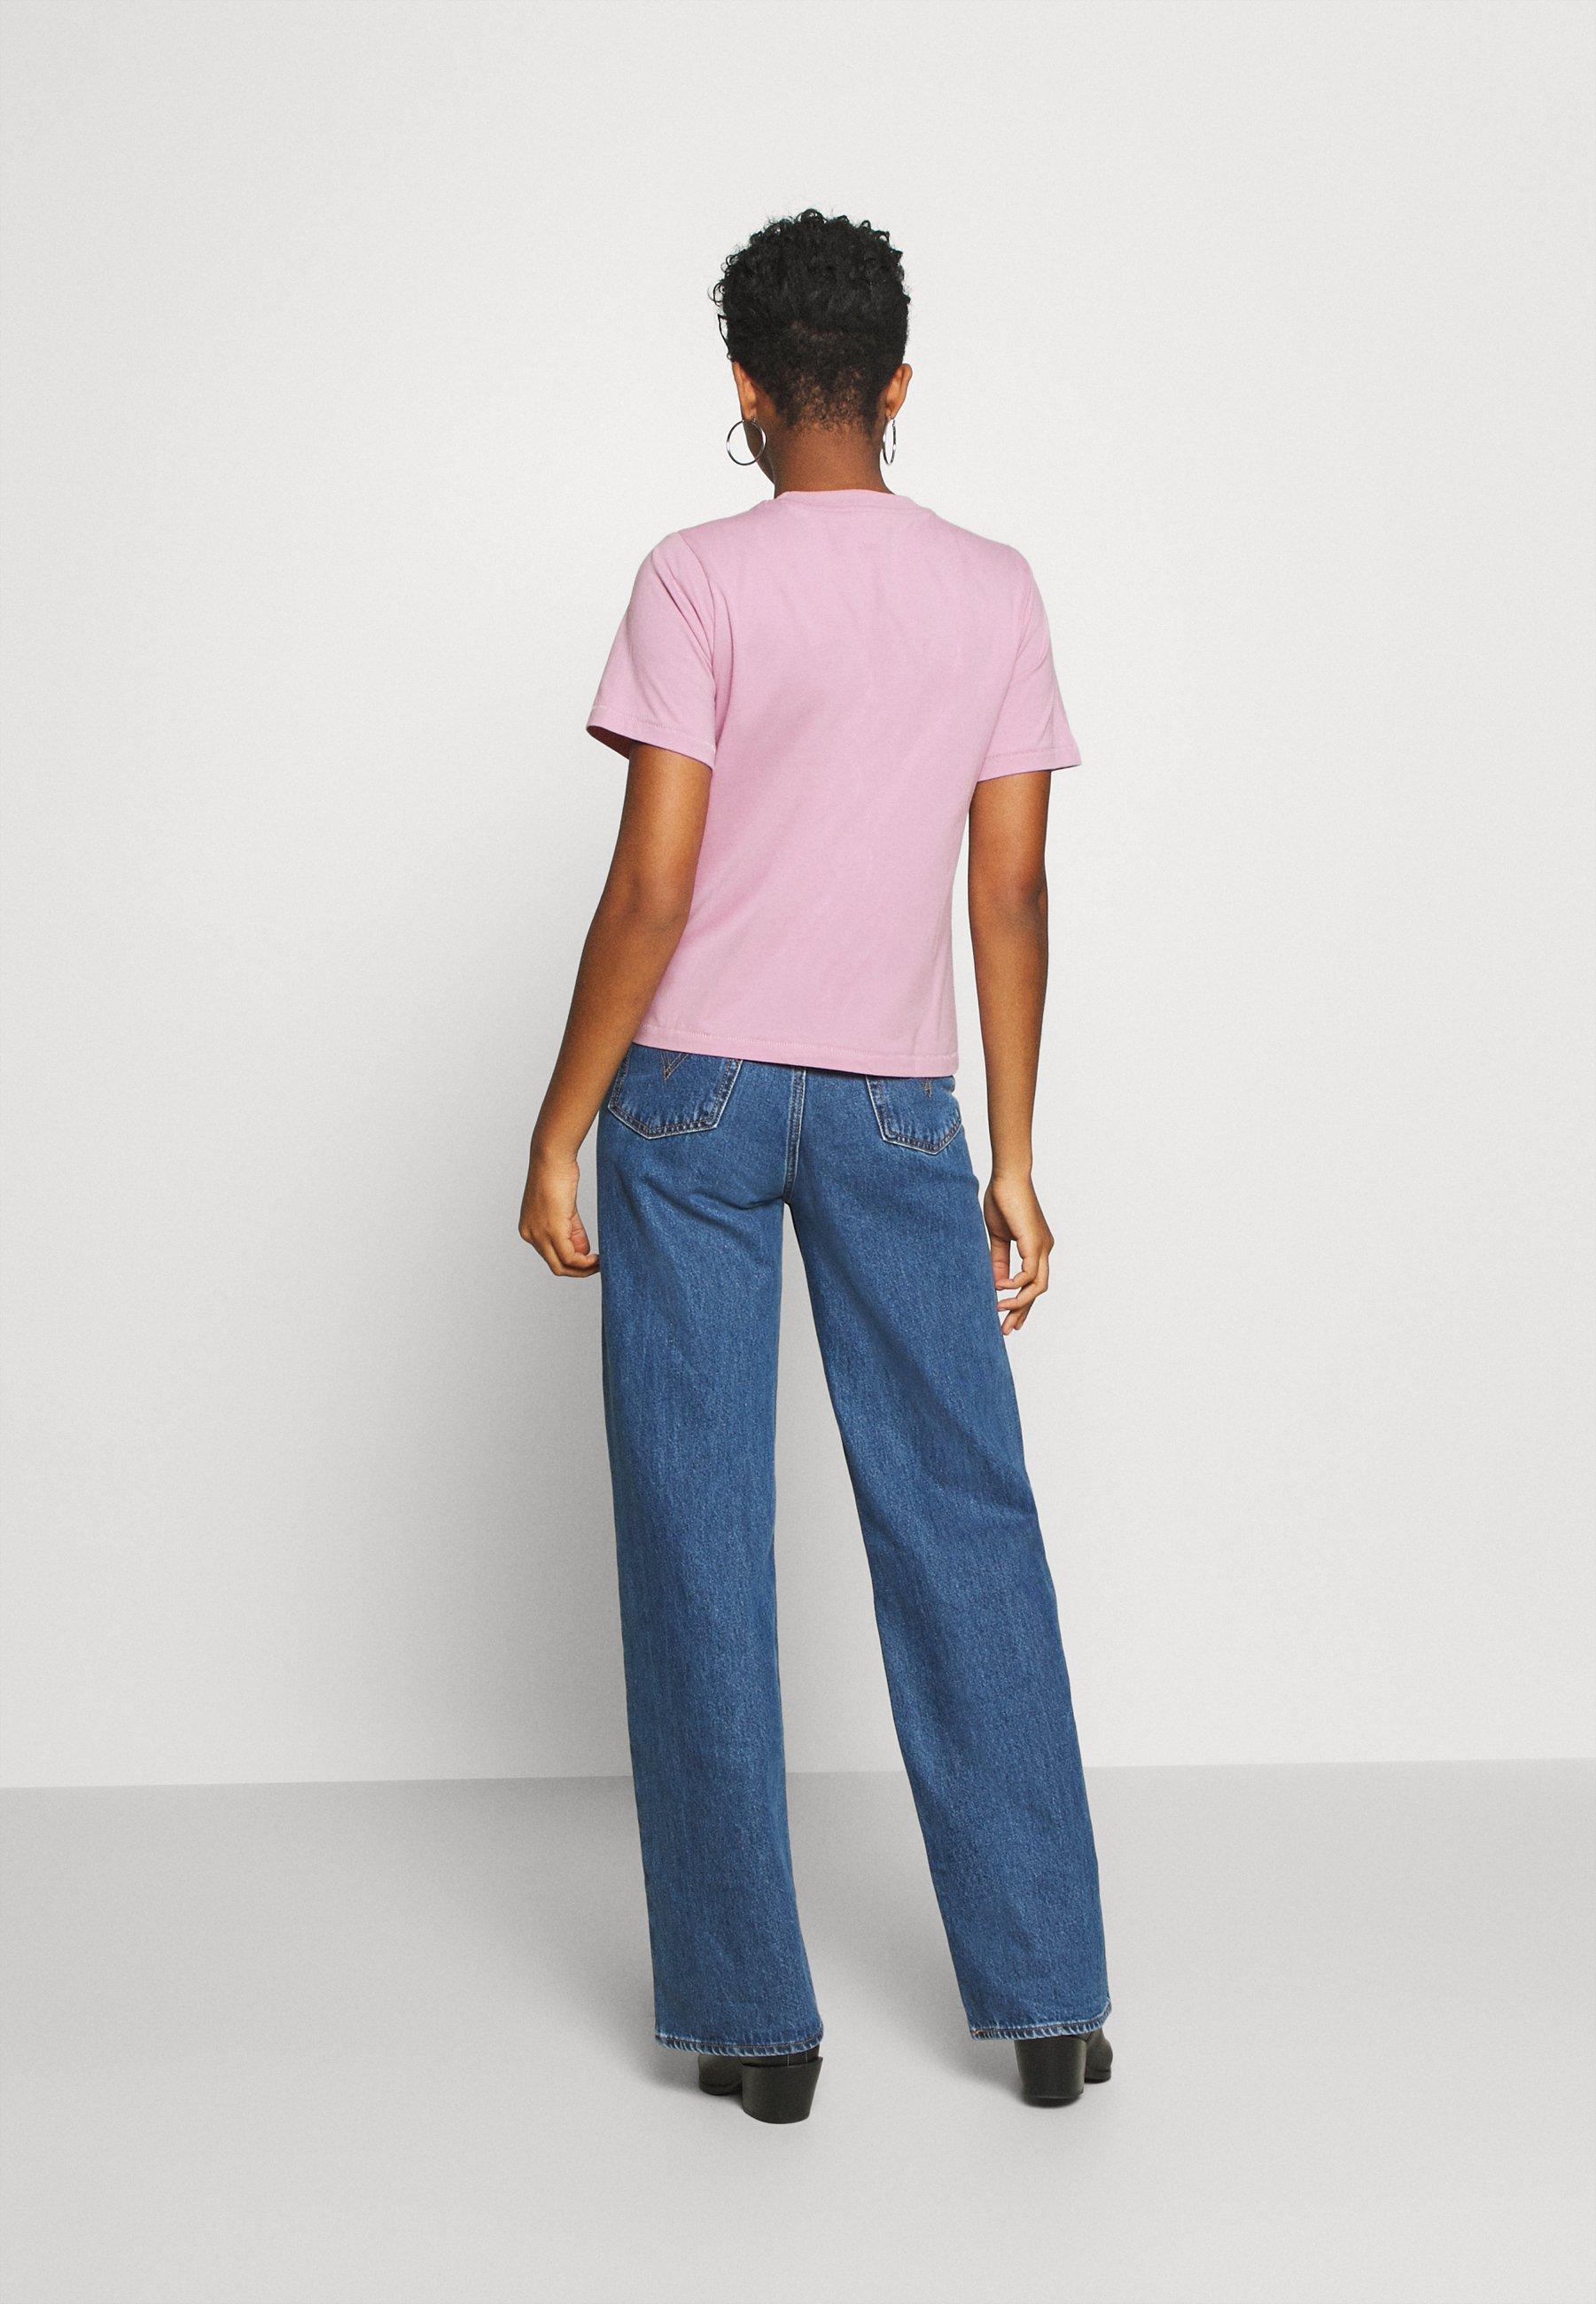 Pepe Jeans ADELLE - T-shirt con stampa - malva - Abbigliamento da donna Ordine